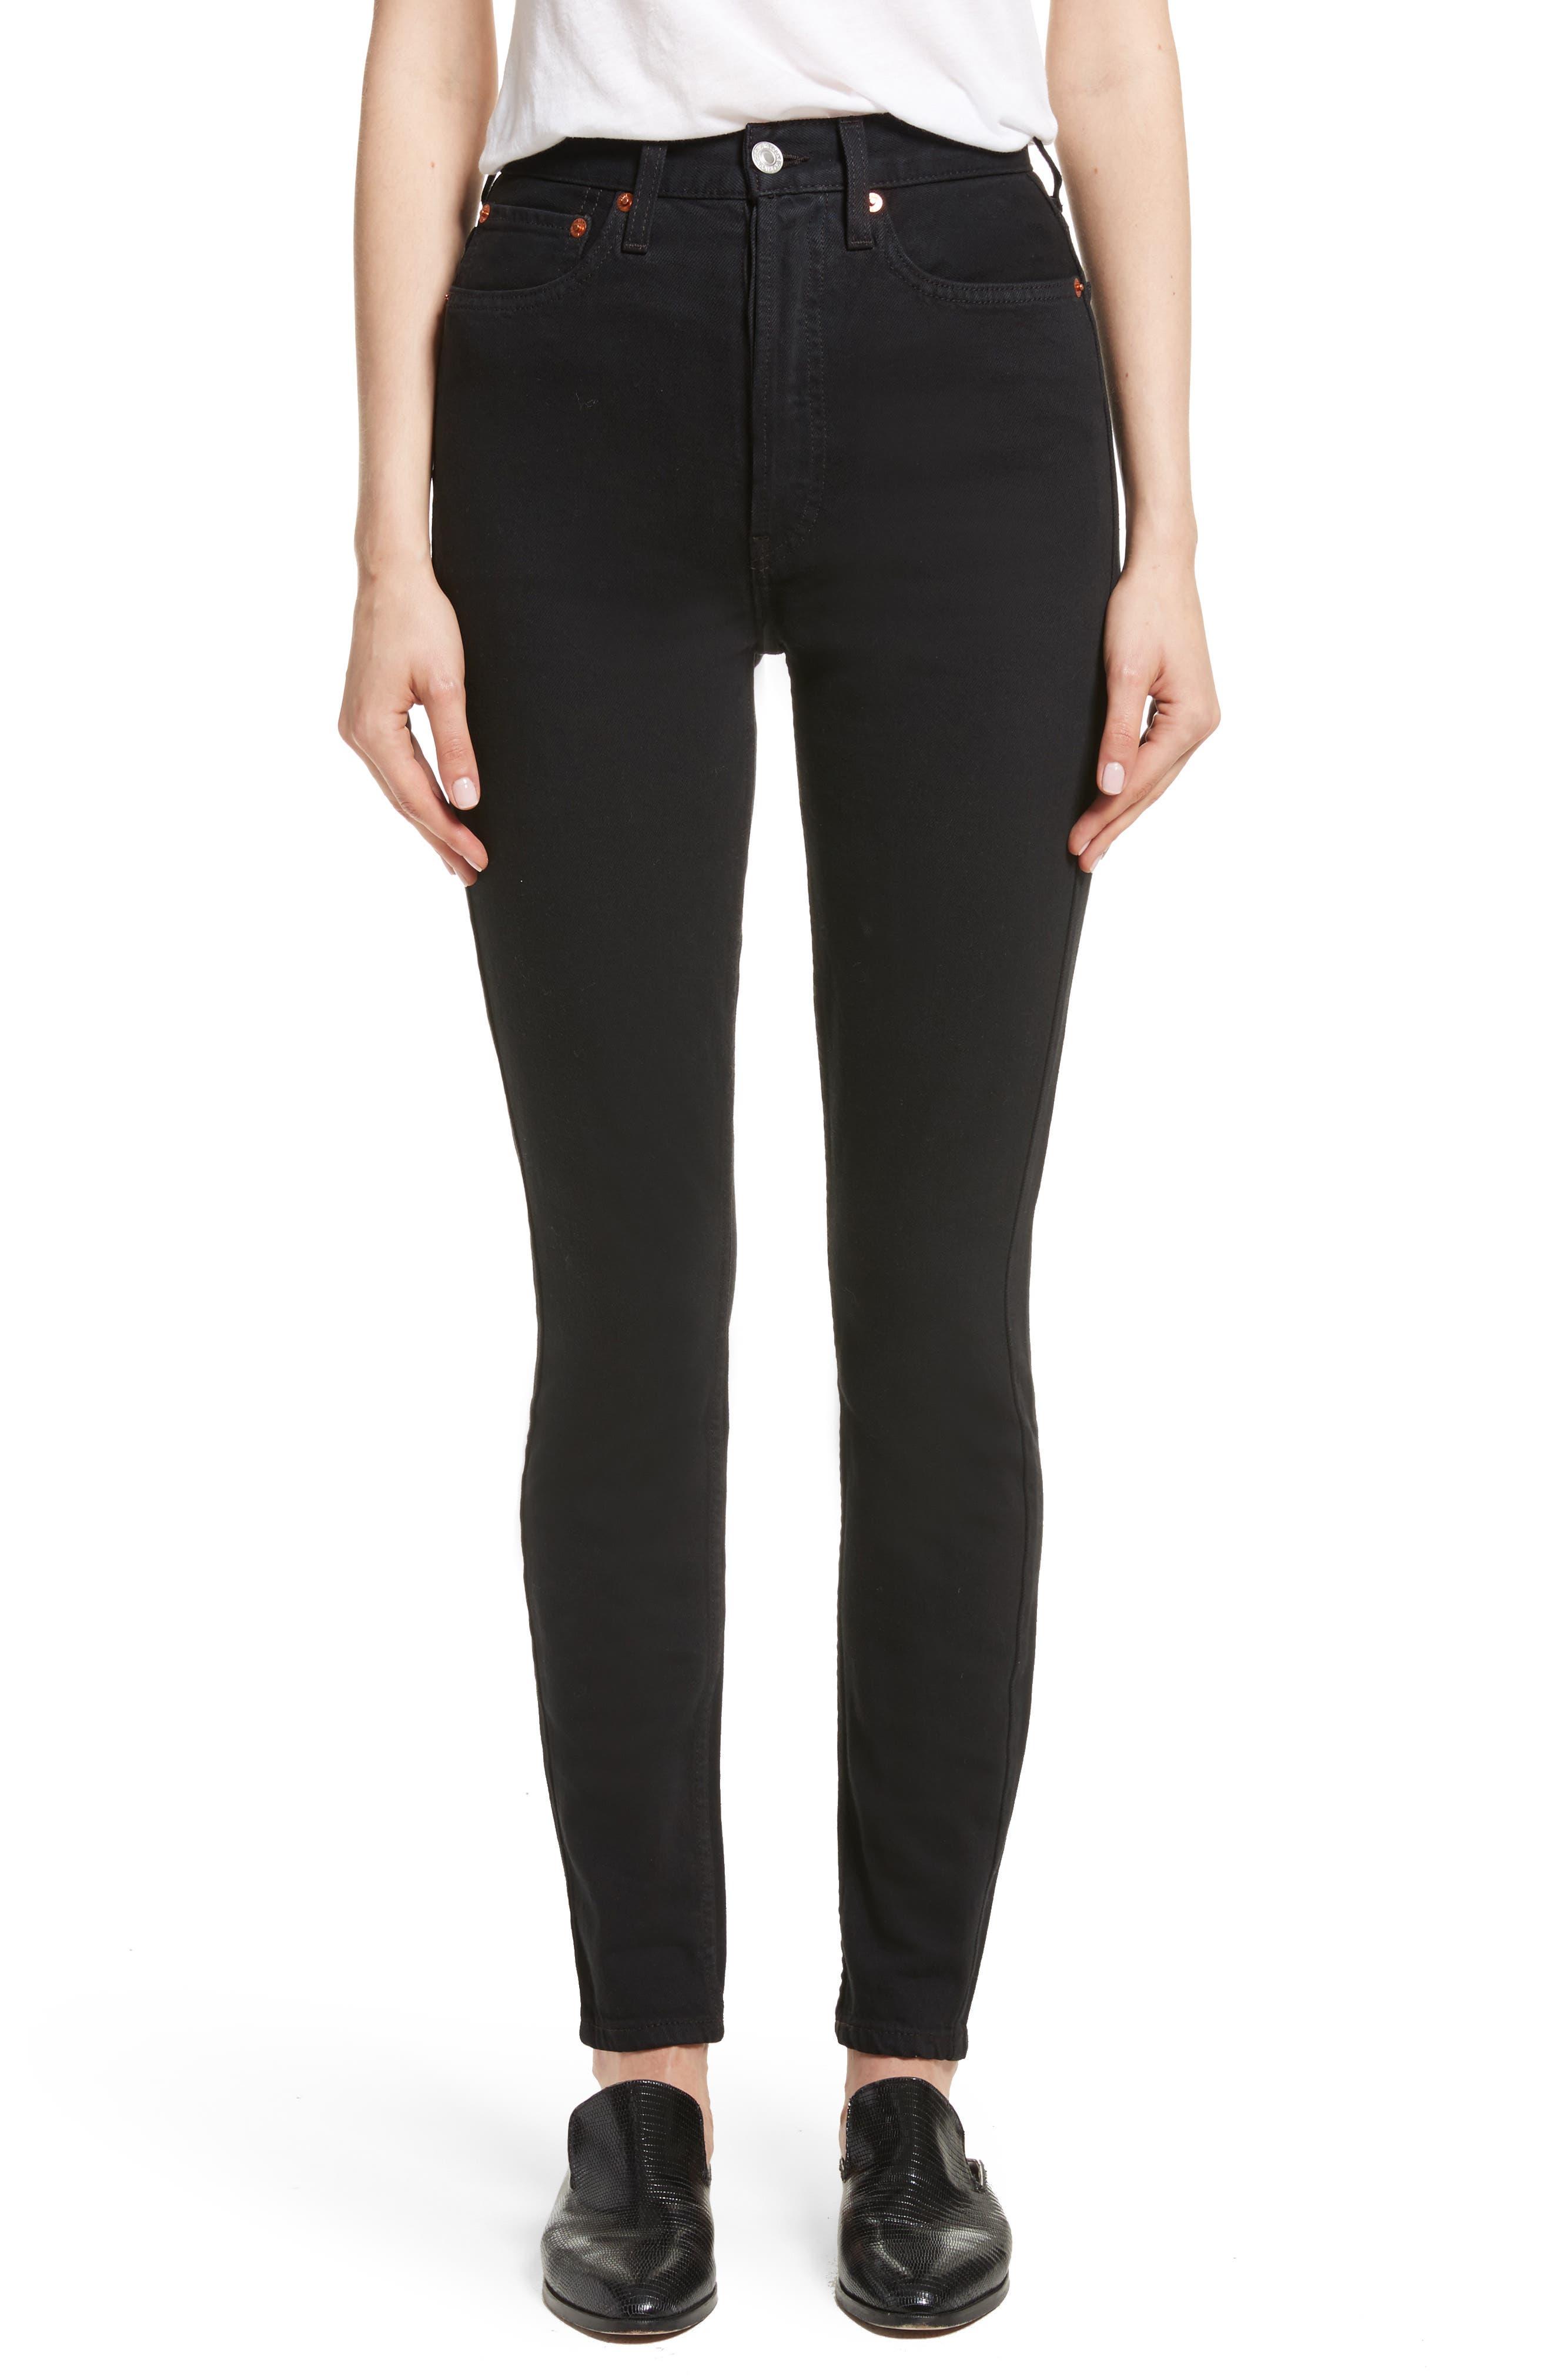 Originals Ultra High Waist Skinny Jeans,                         Main,                         color, 001